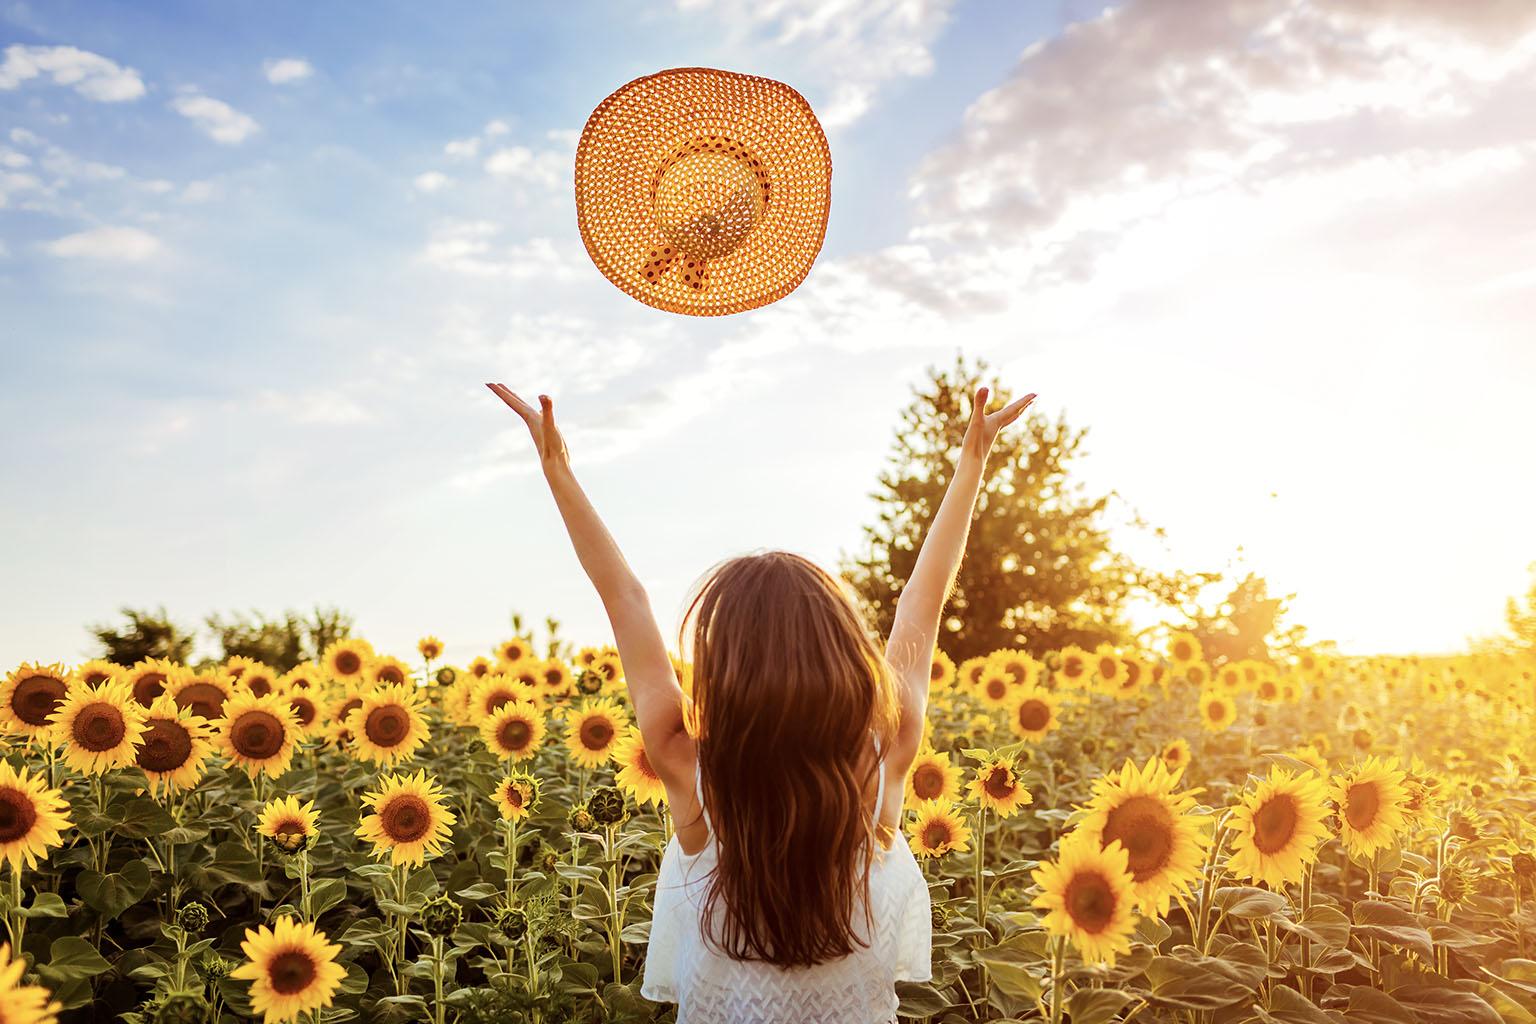 Jak wzmocnić odporność u dorosłych? Młoda kobieta stoi w polu słoneczników i podrzuca do góry słomkowy kapelusz.